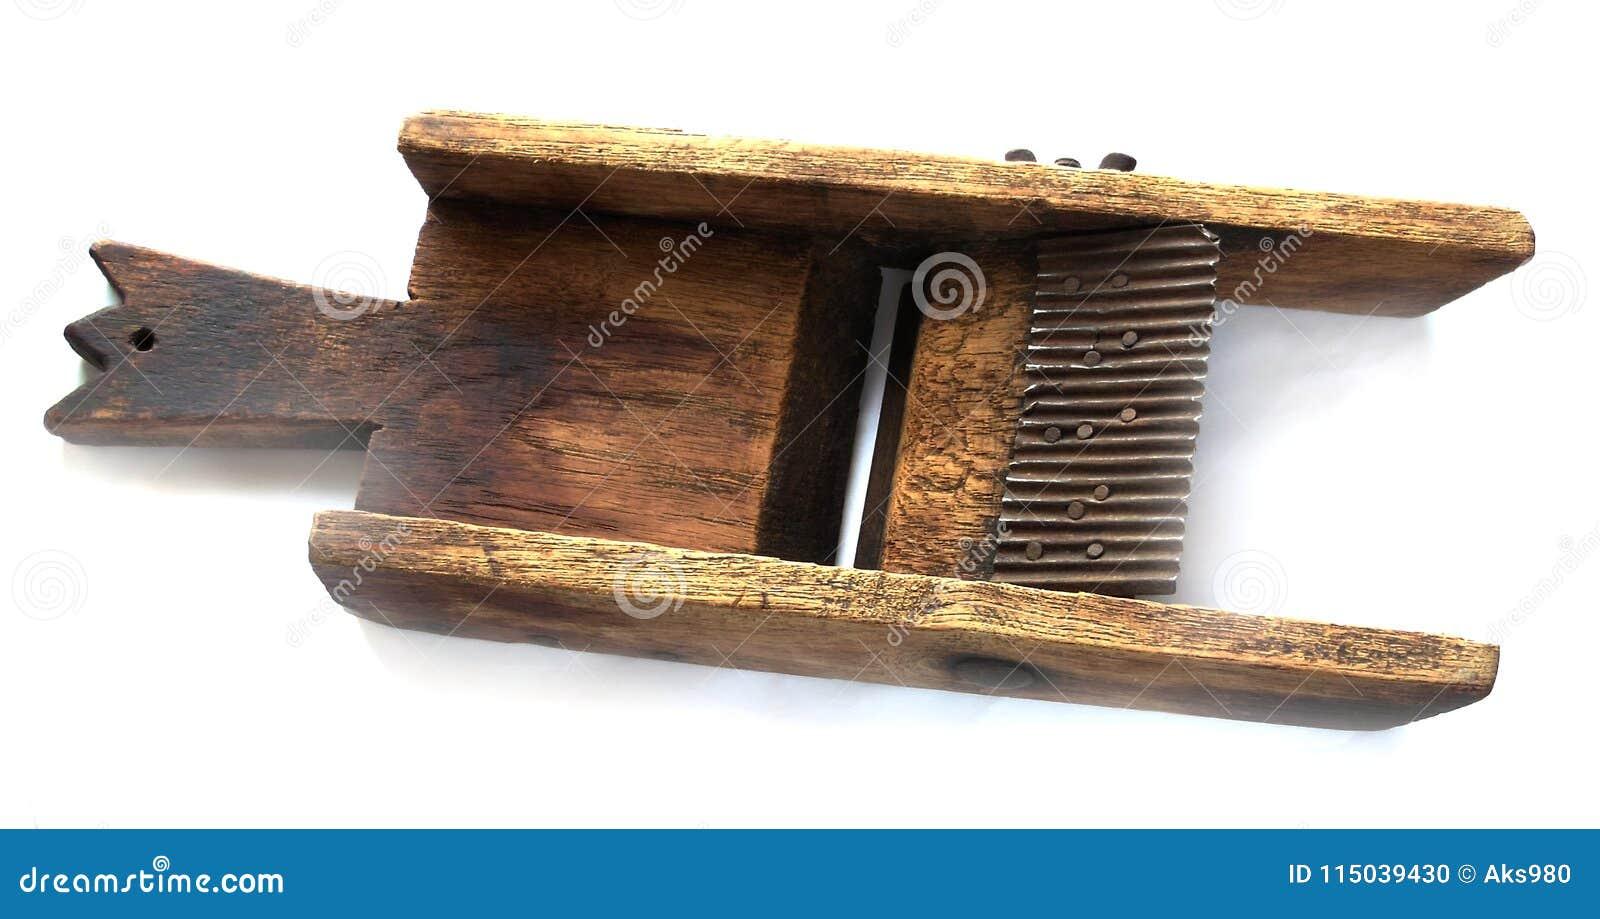 Potato Slicer Chips Maker Old Wooden Vintage Hard Wood Close Up